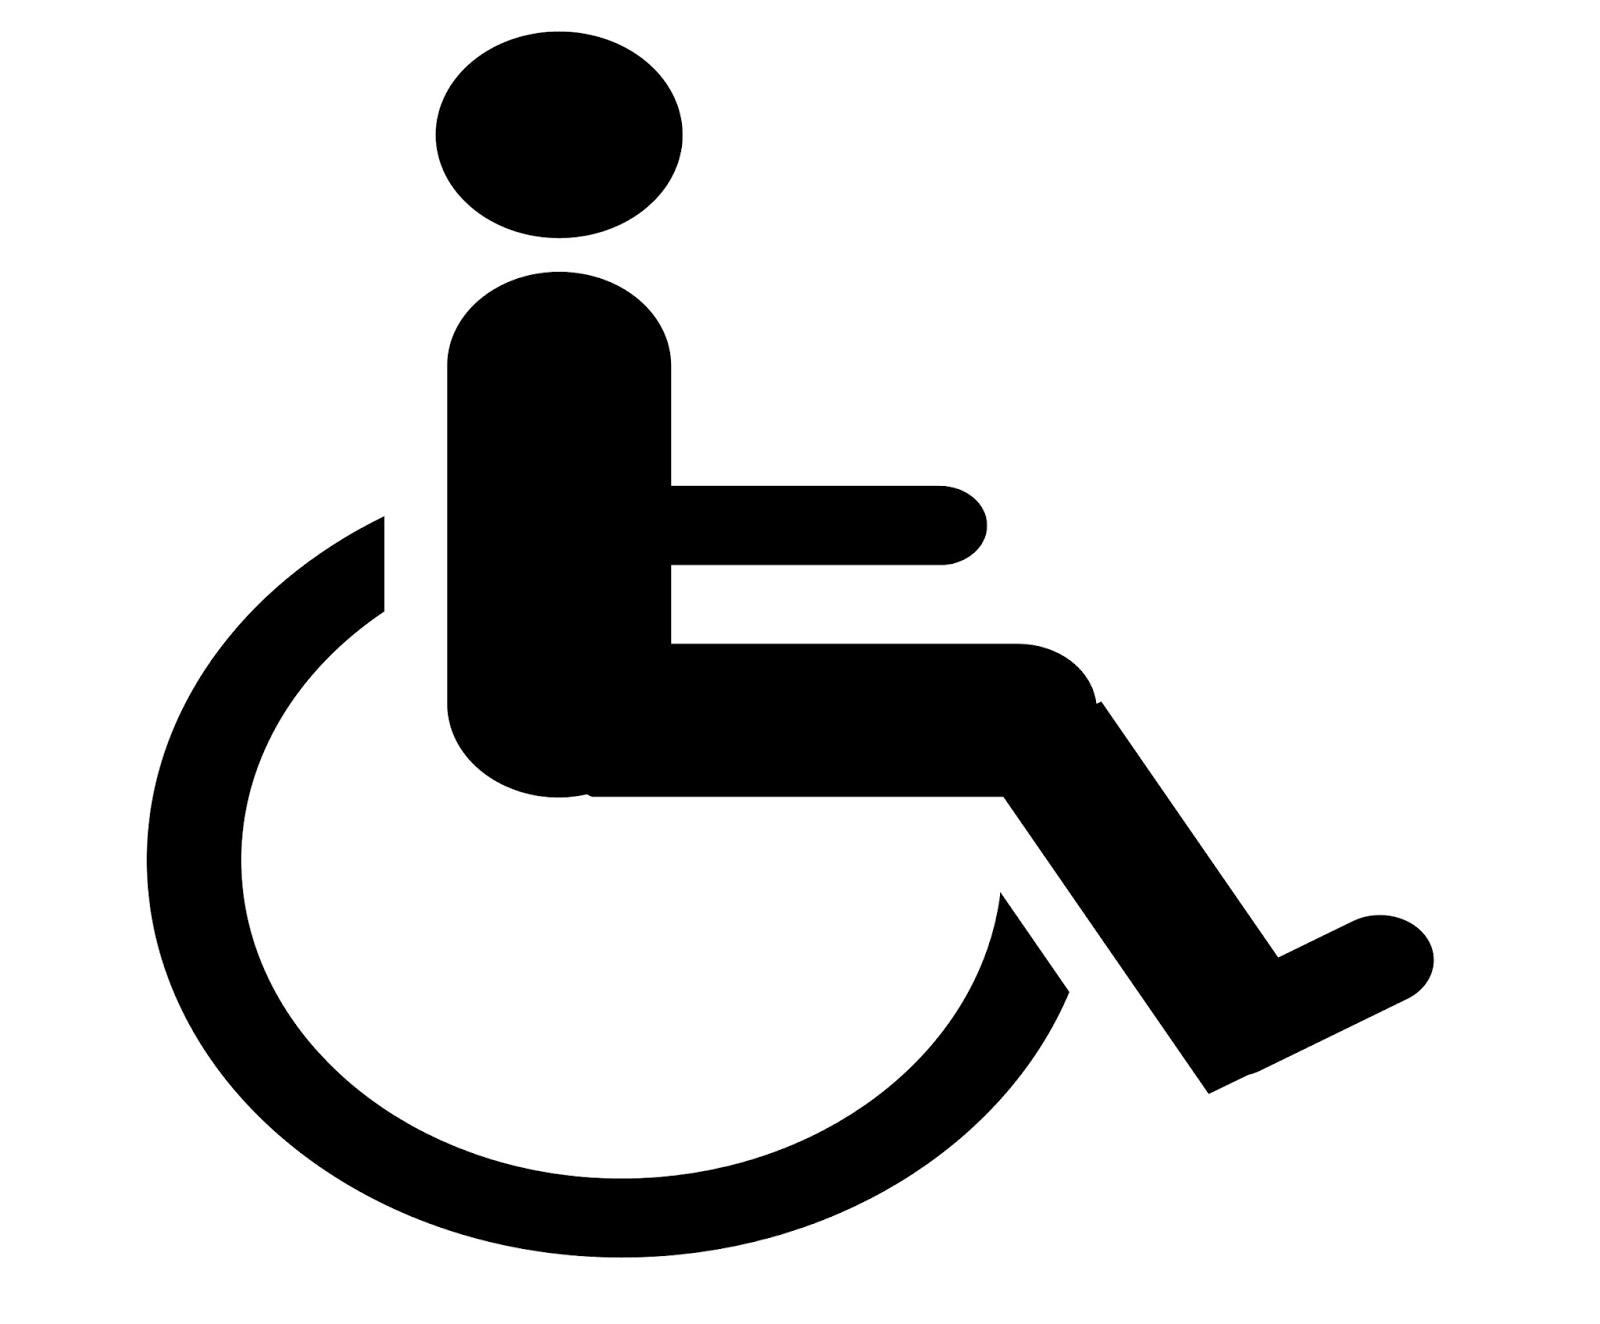 biograf billund handicap ledsager kort